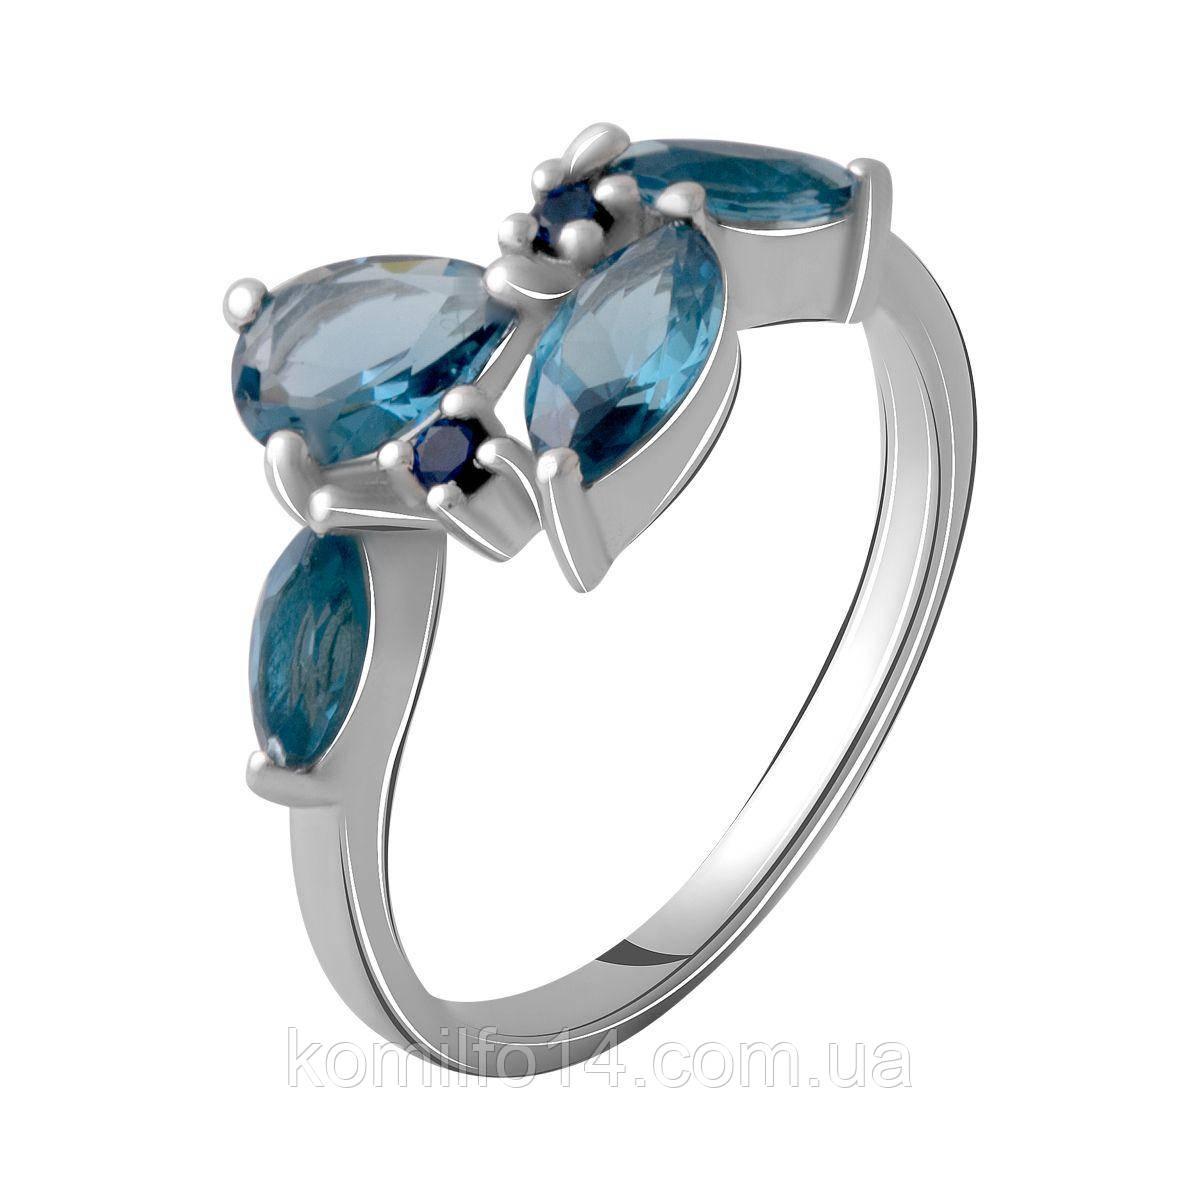 Серебряное кольцо с натуральным лондон топазом